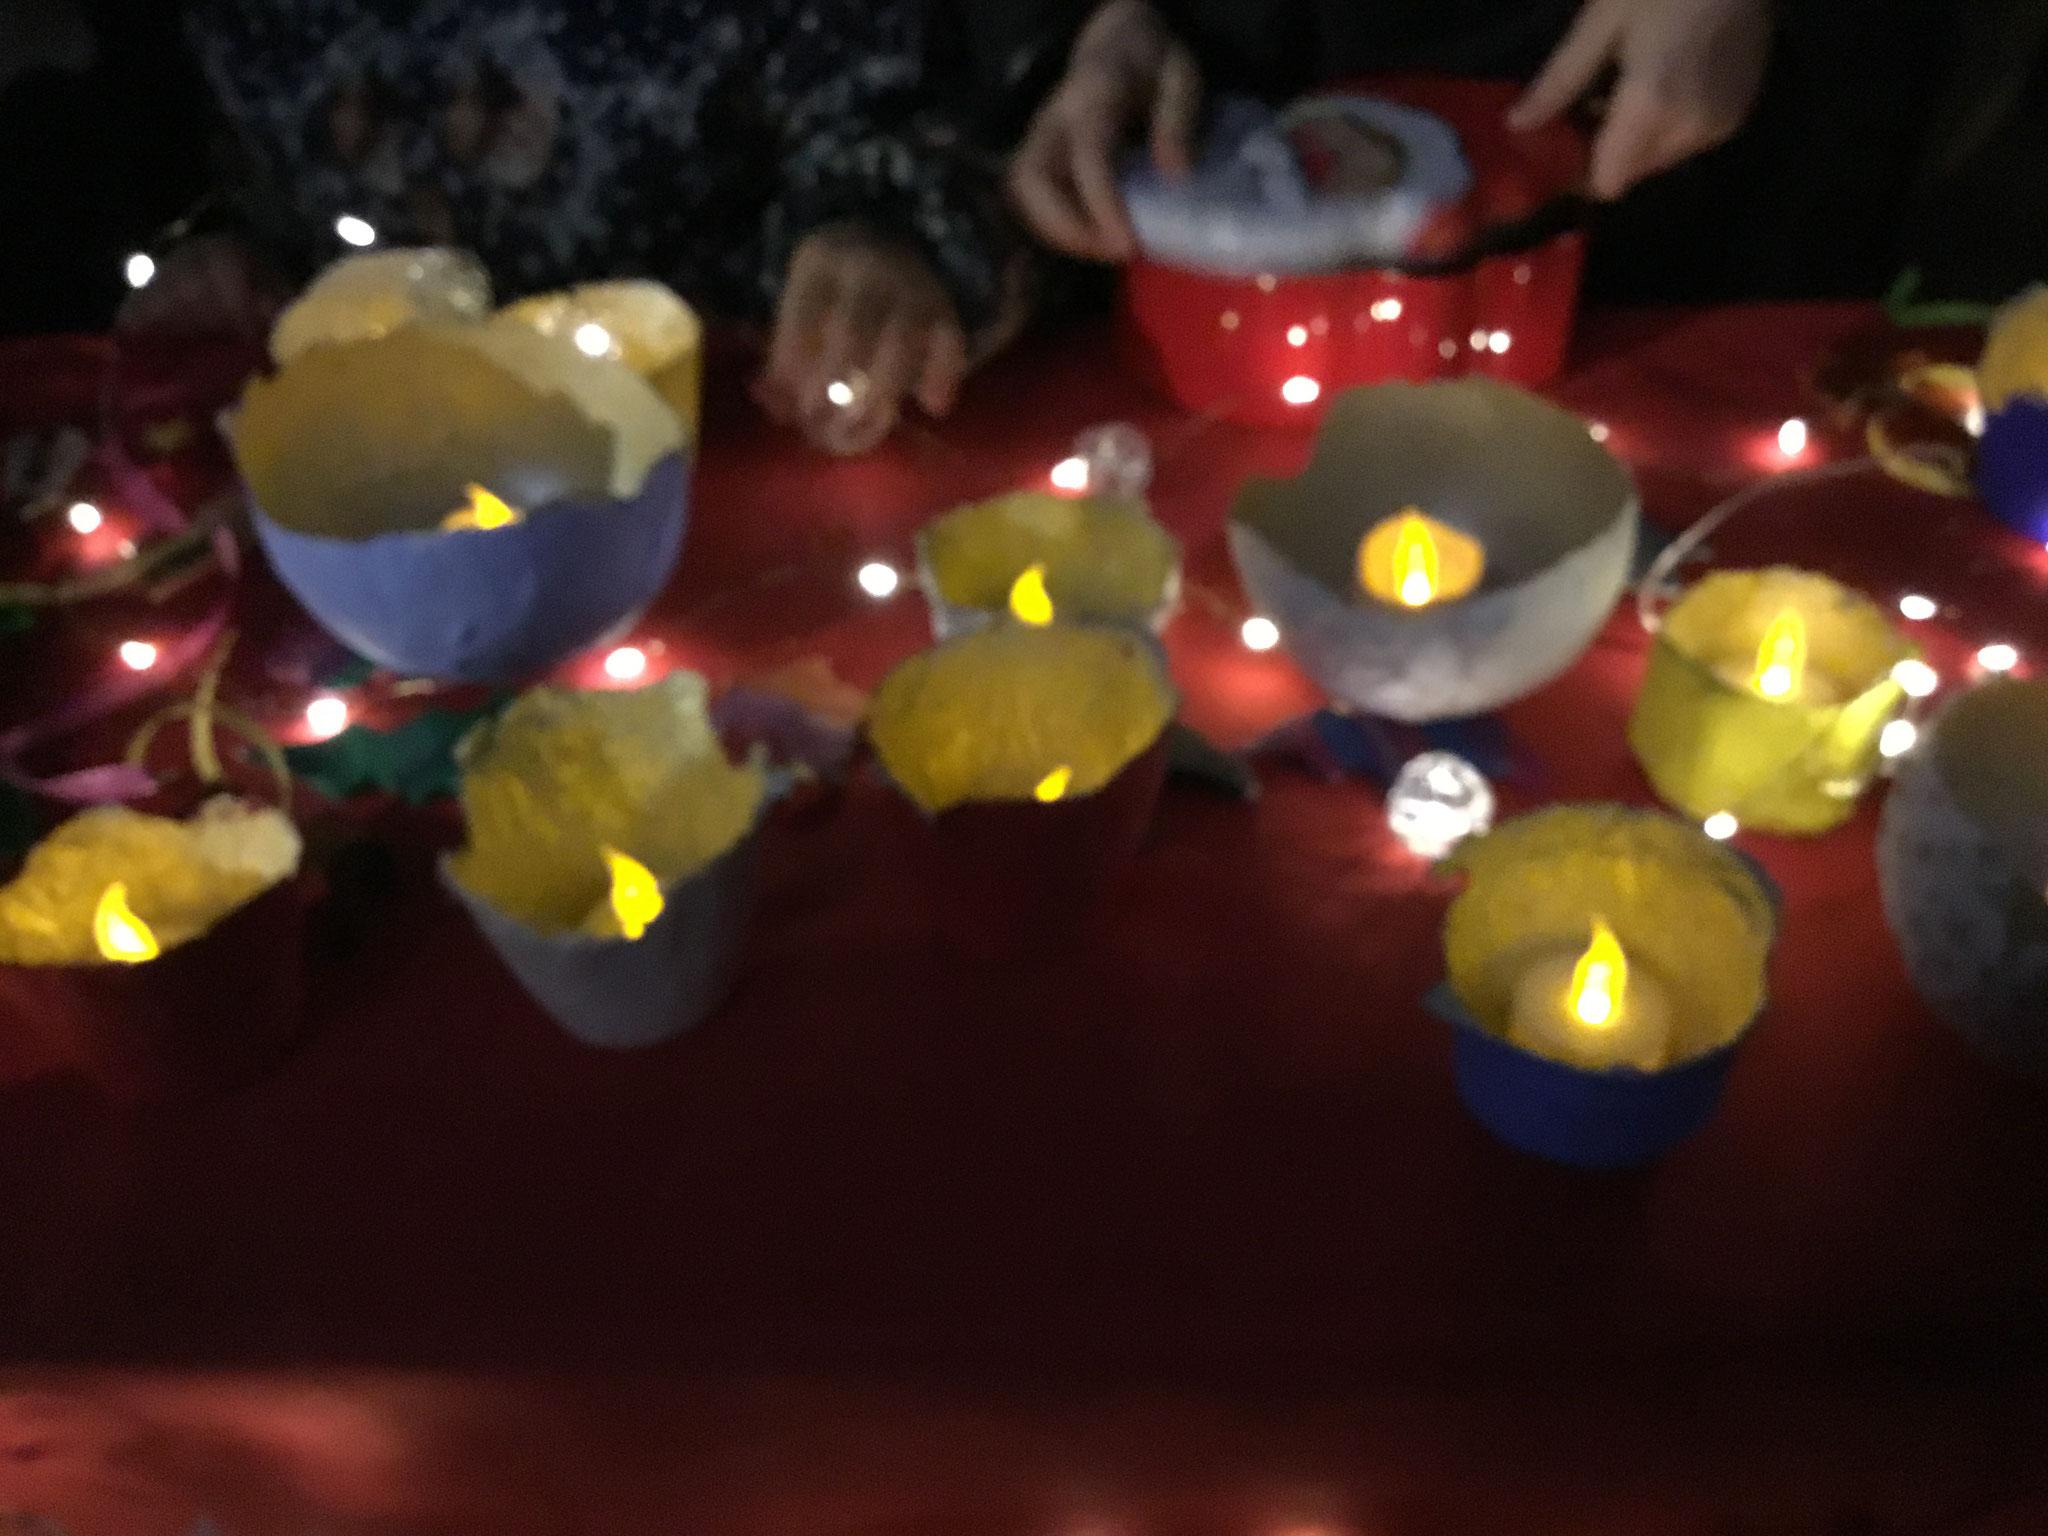 Schüsseln mit Kerzen